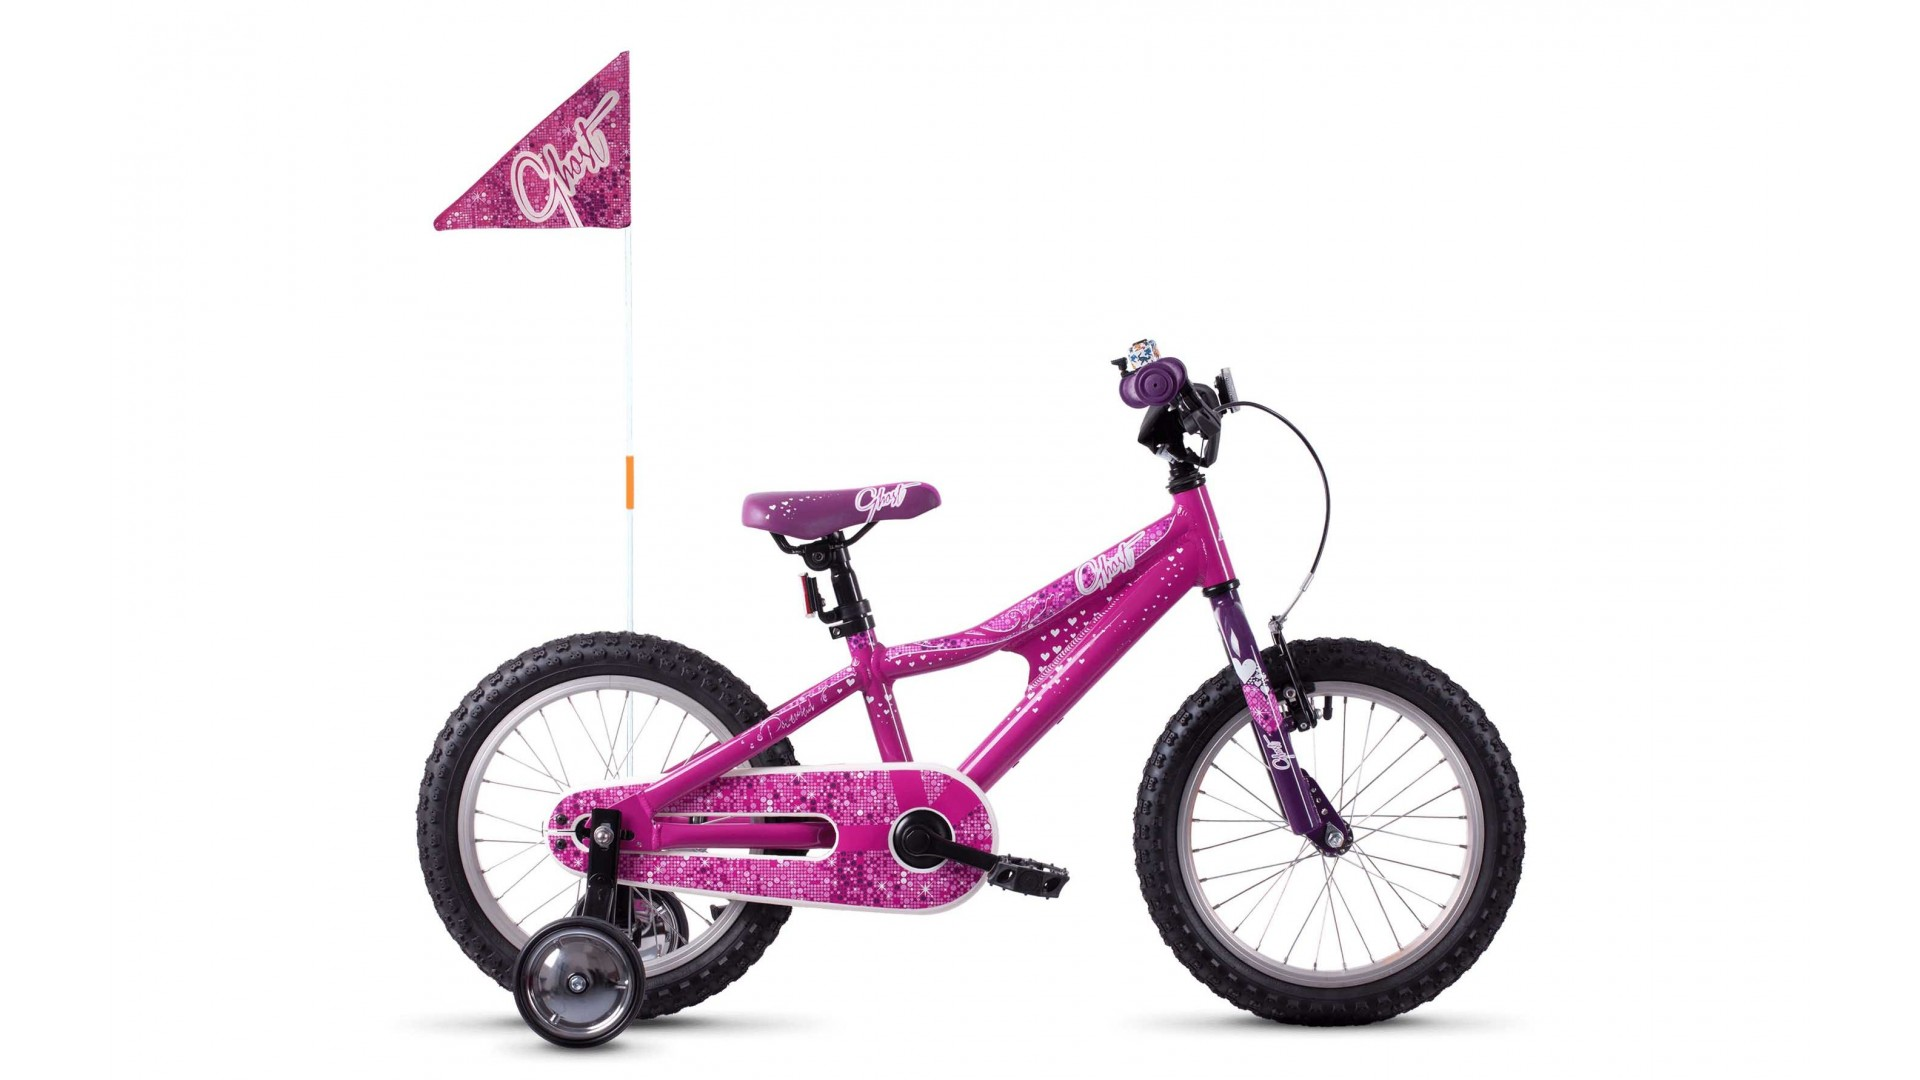 Велосипед GHOST POWERKID AL 16 K dark fuchsia pink / violet / star white год 2018